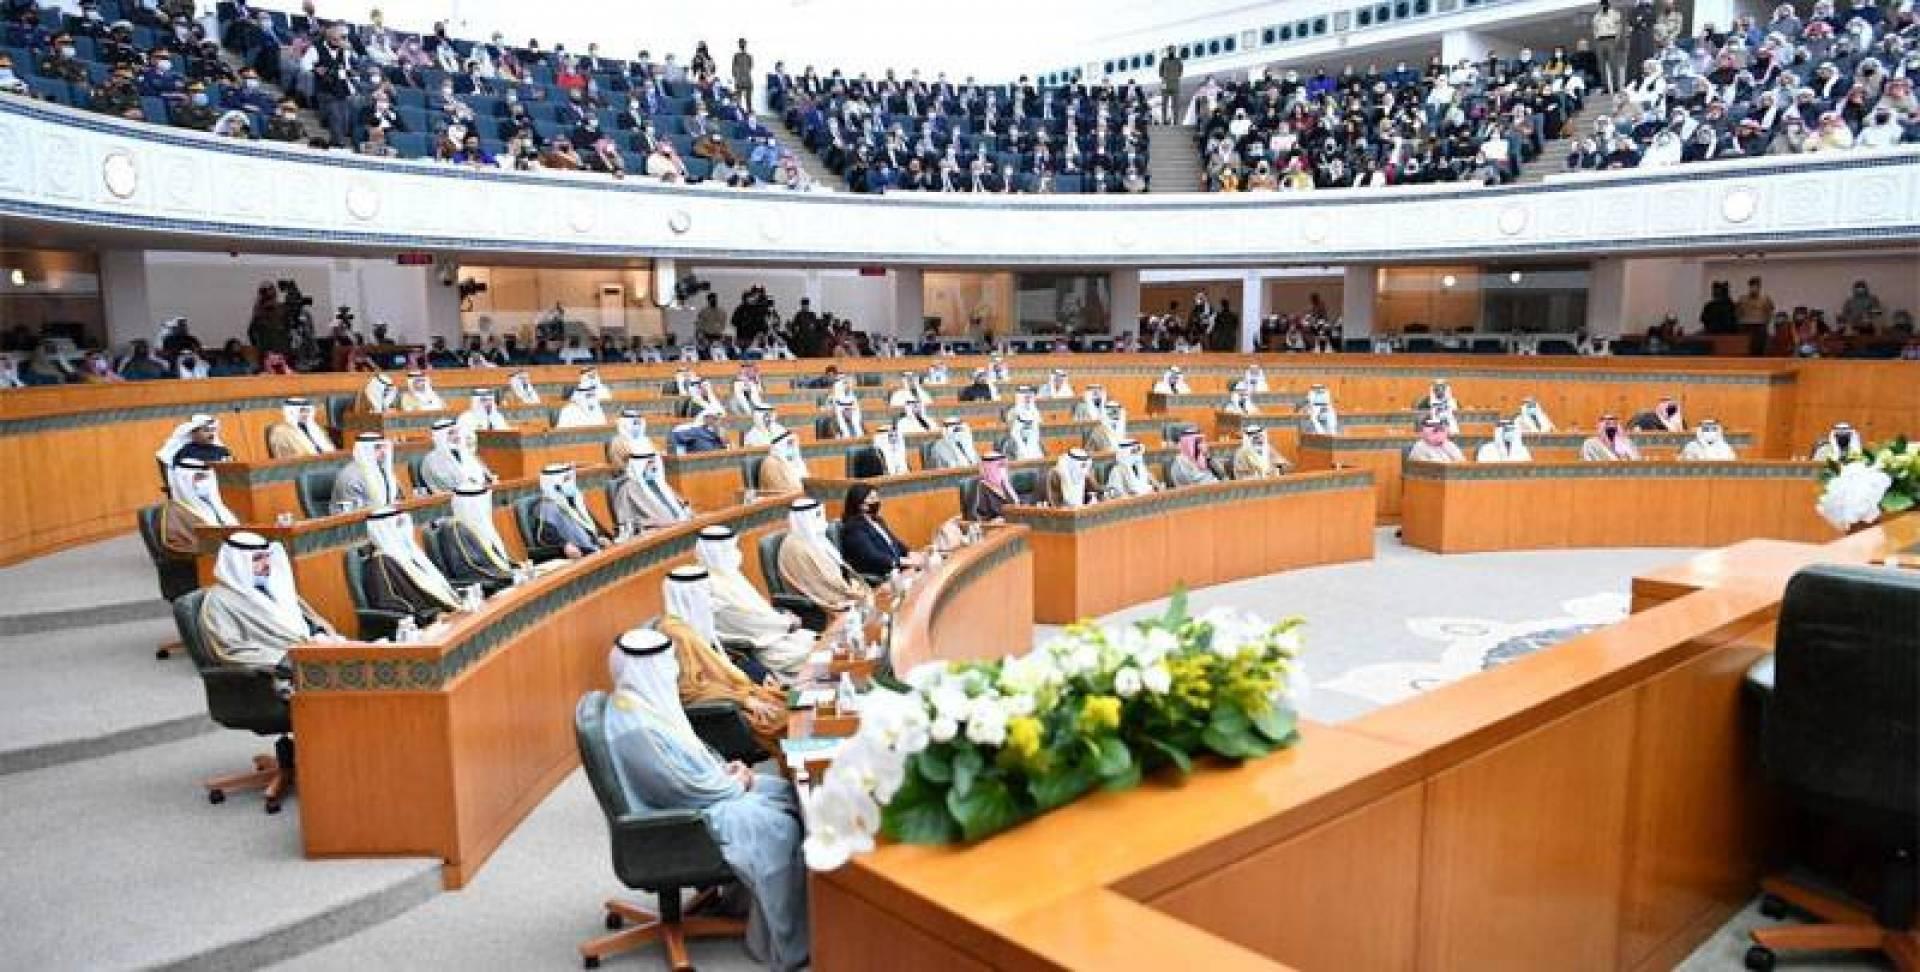 جمعيات النفع العام: التراشق أثناء انتخابات رئاسة «الأمة» تقويض للديموقراطية